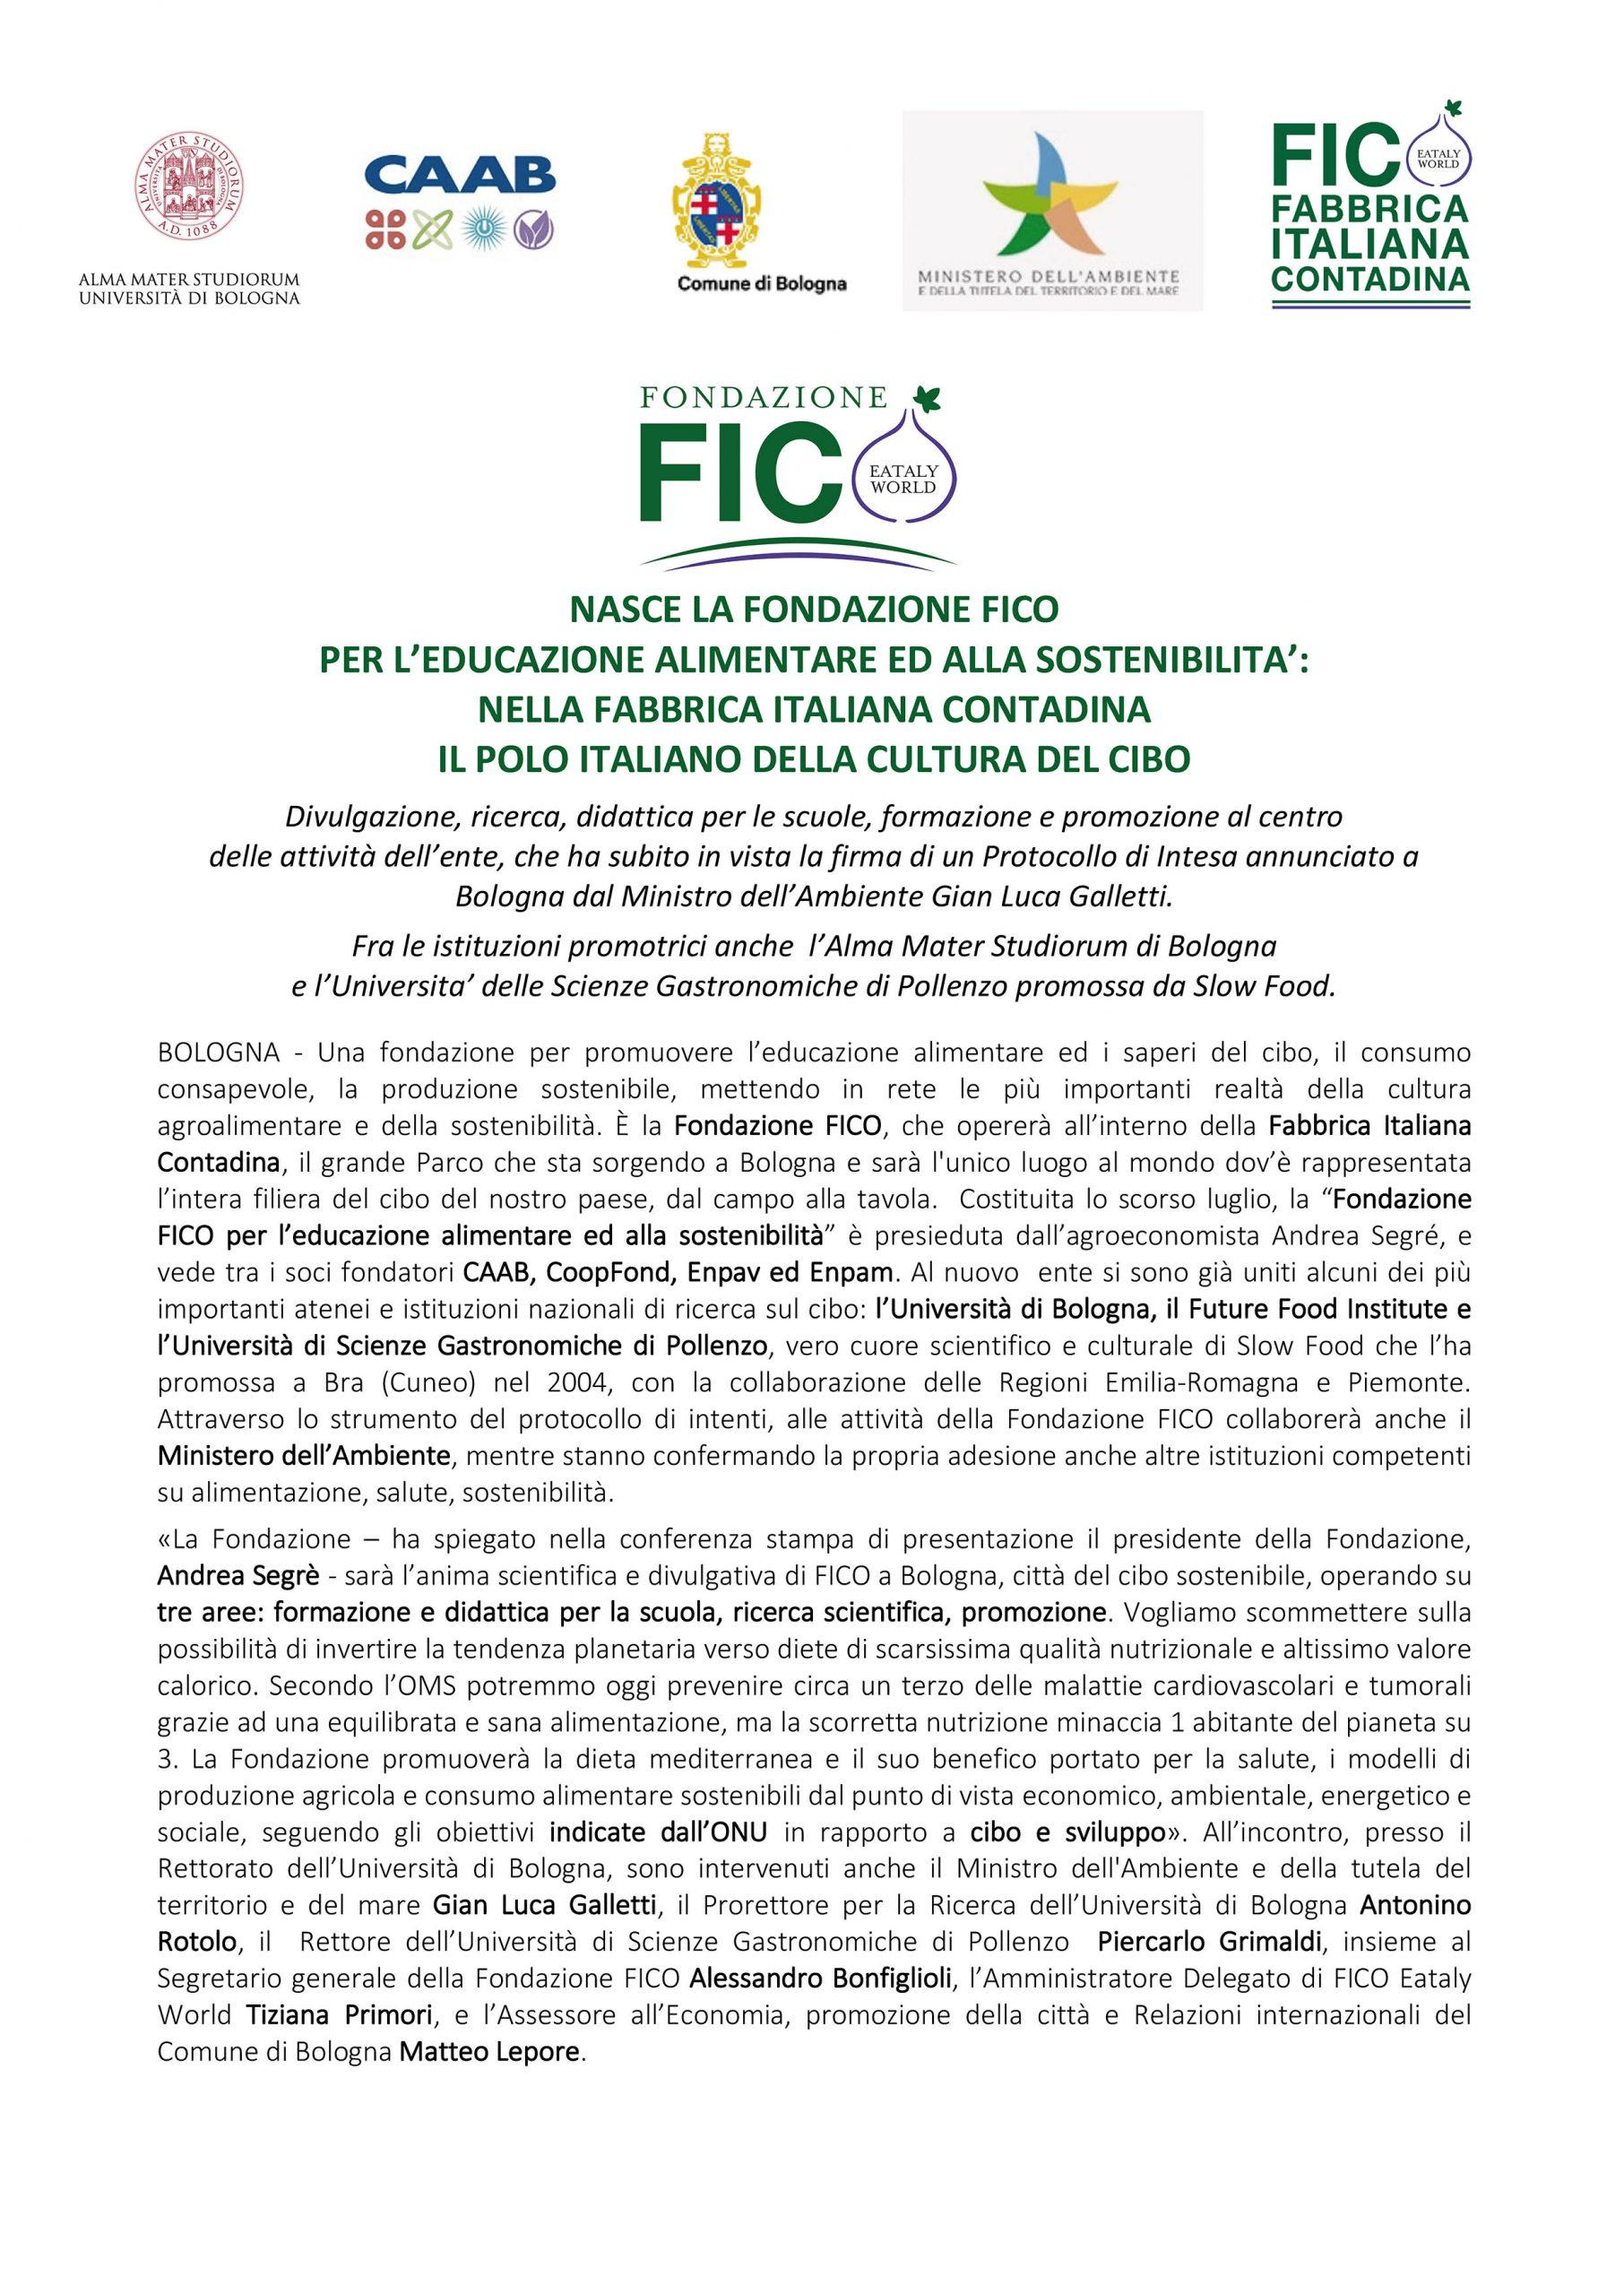 CS-0001-Nasce-FondazioneFIco-11-11-2016_Pagina_1